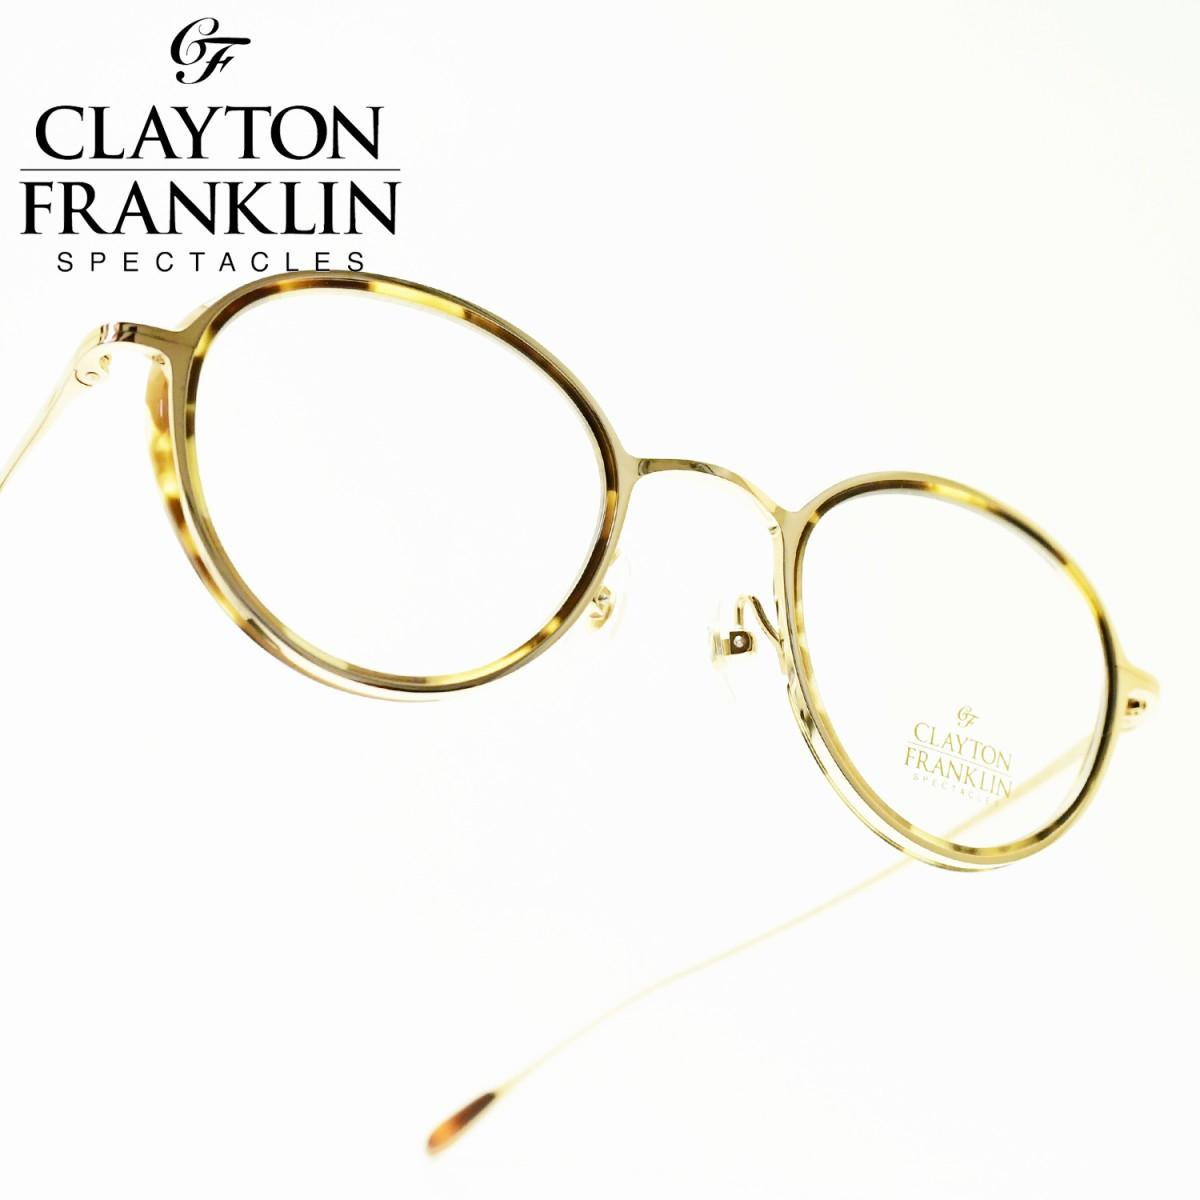 CLAYTON FRANKLIN クレイトンフランクリン627SS GP/BT(ゴールド ブラウントートイズ/デモレンズ)メガネ 眼鏡 めがね メンズ レディース おしゃれブランド 人気 おすすめ フレーム 流行り 度付き レンズ